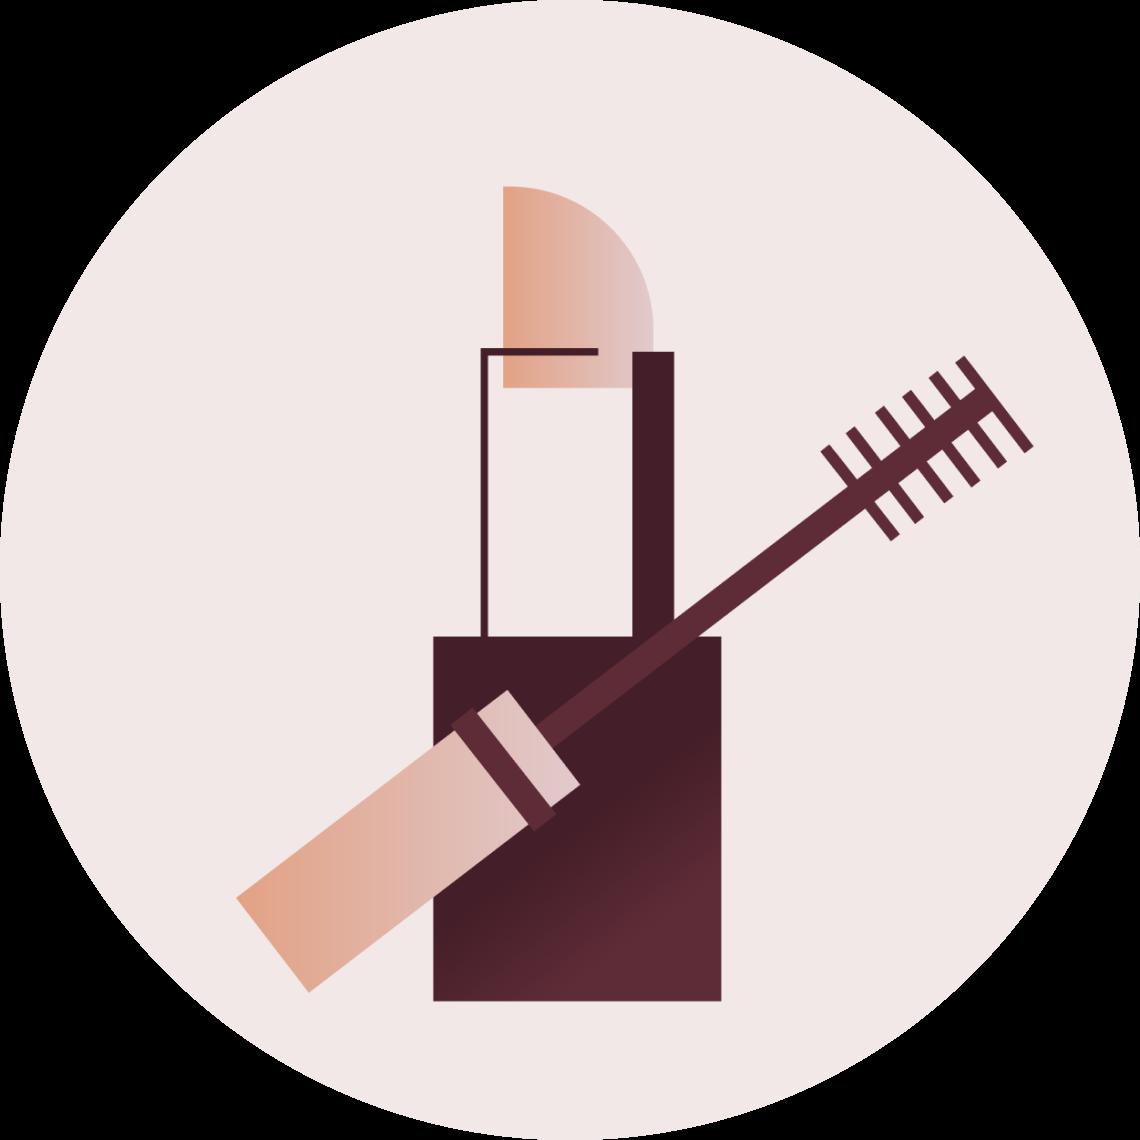 Makeup category